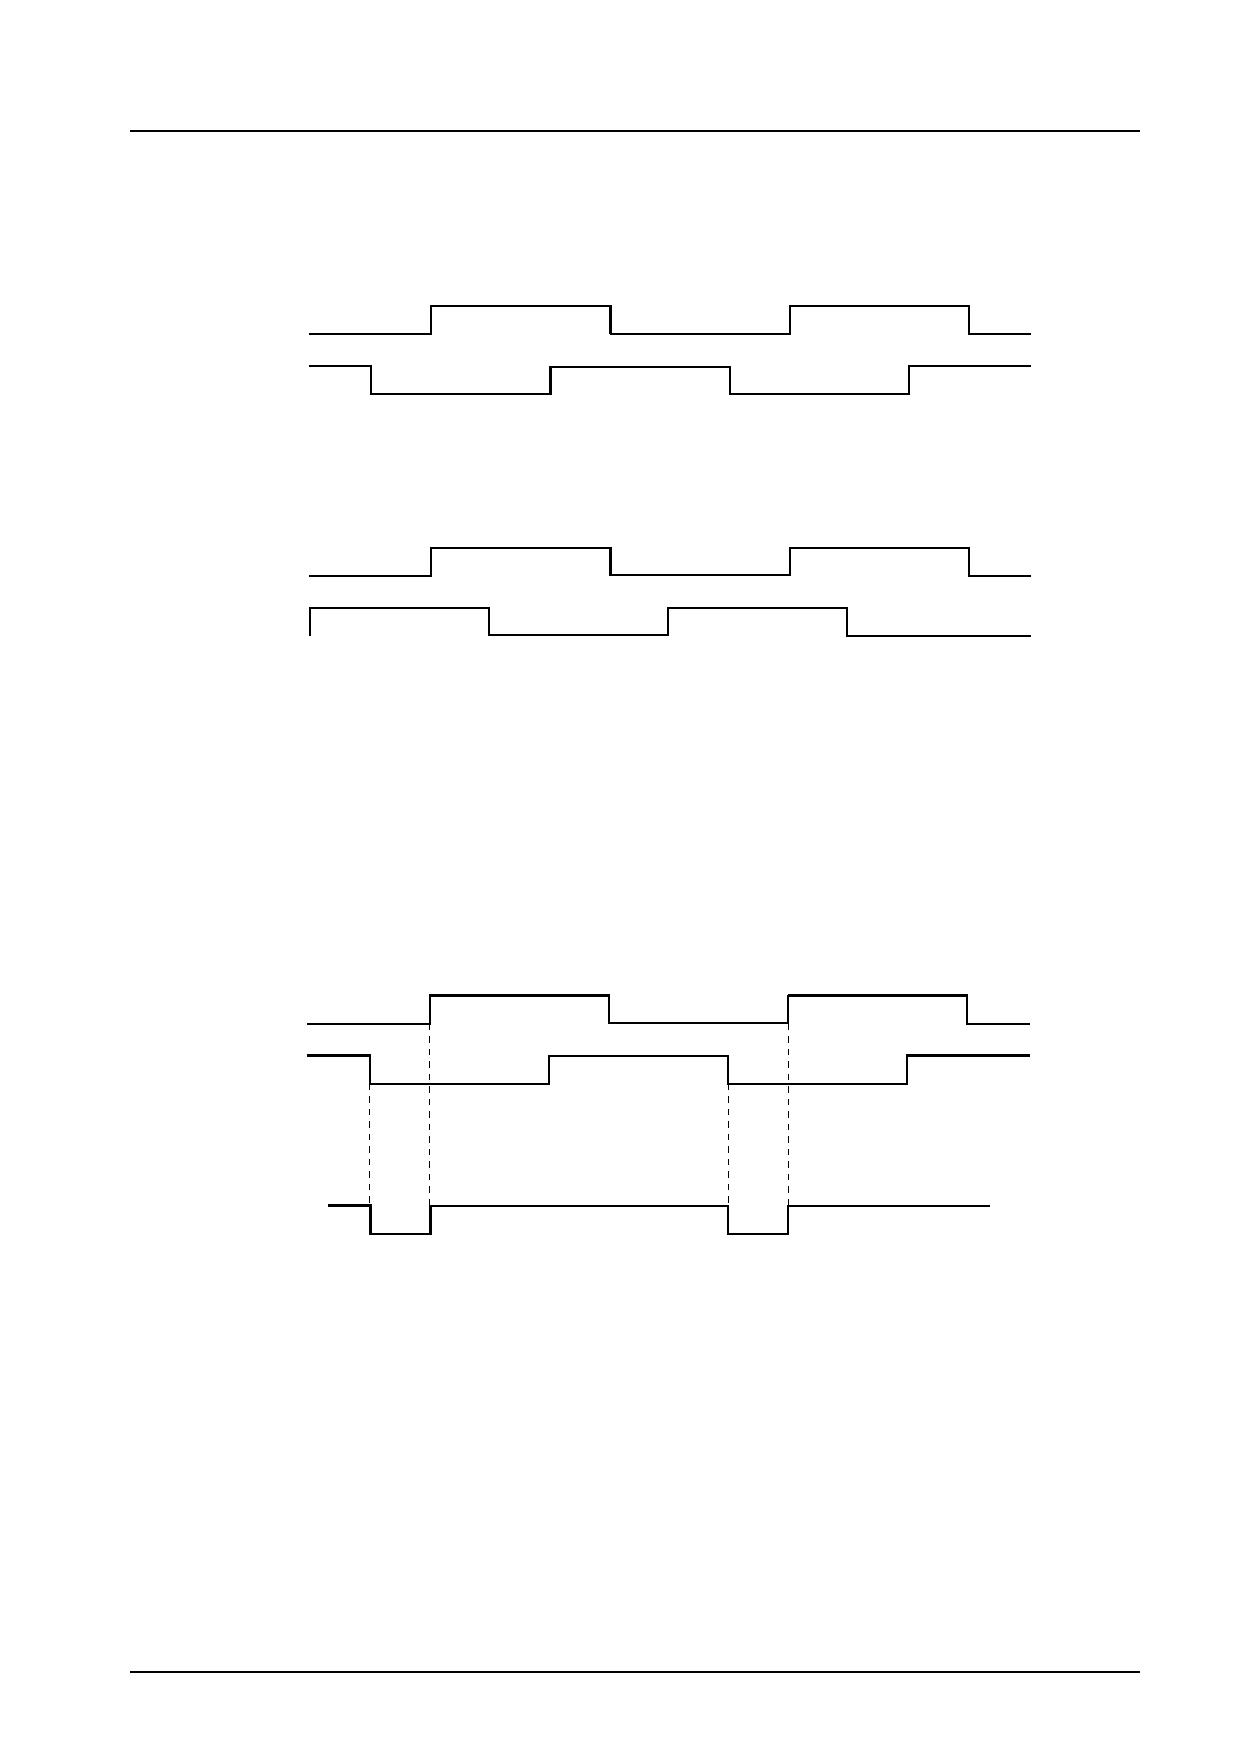 LB1895 arduino